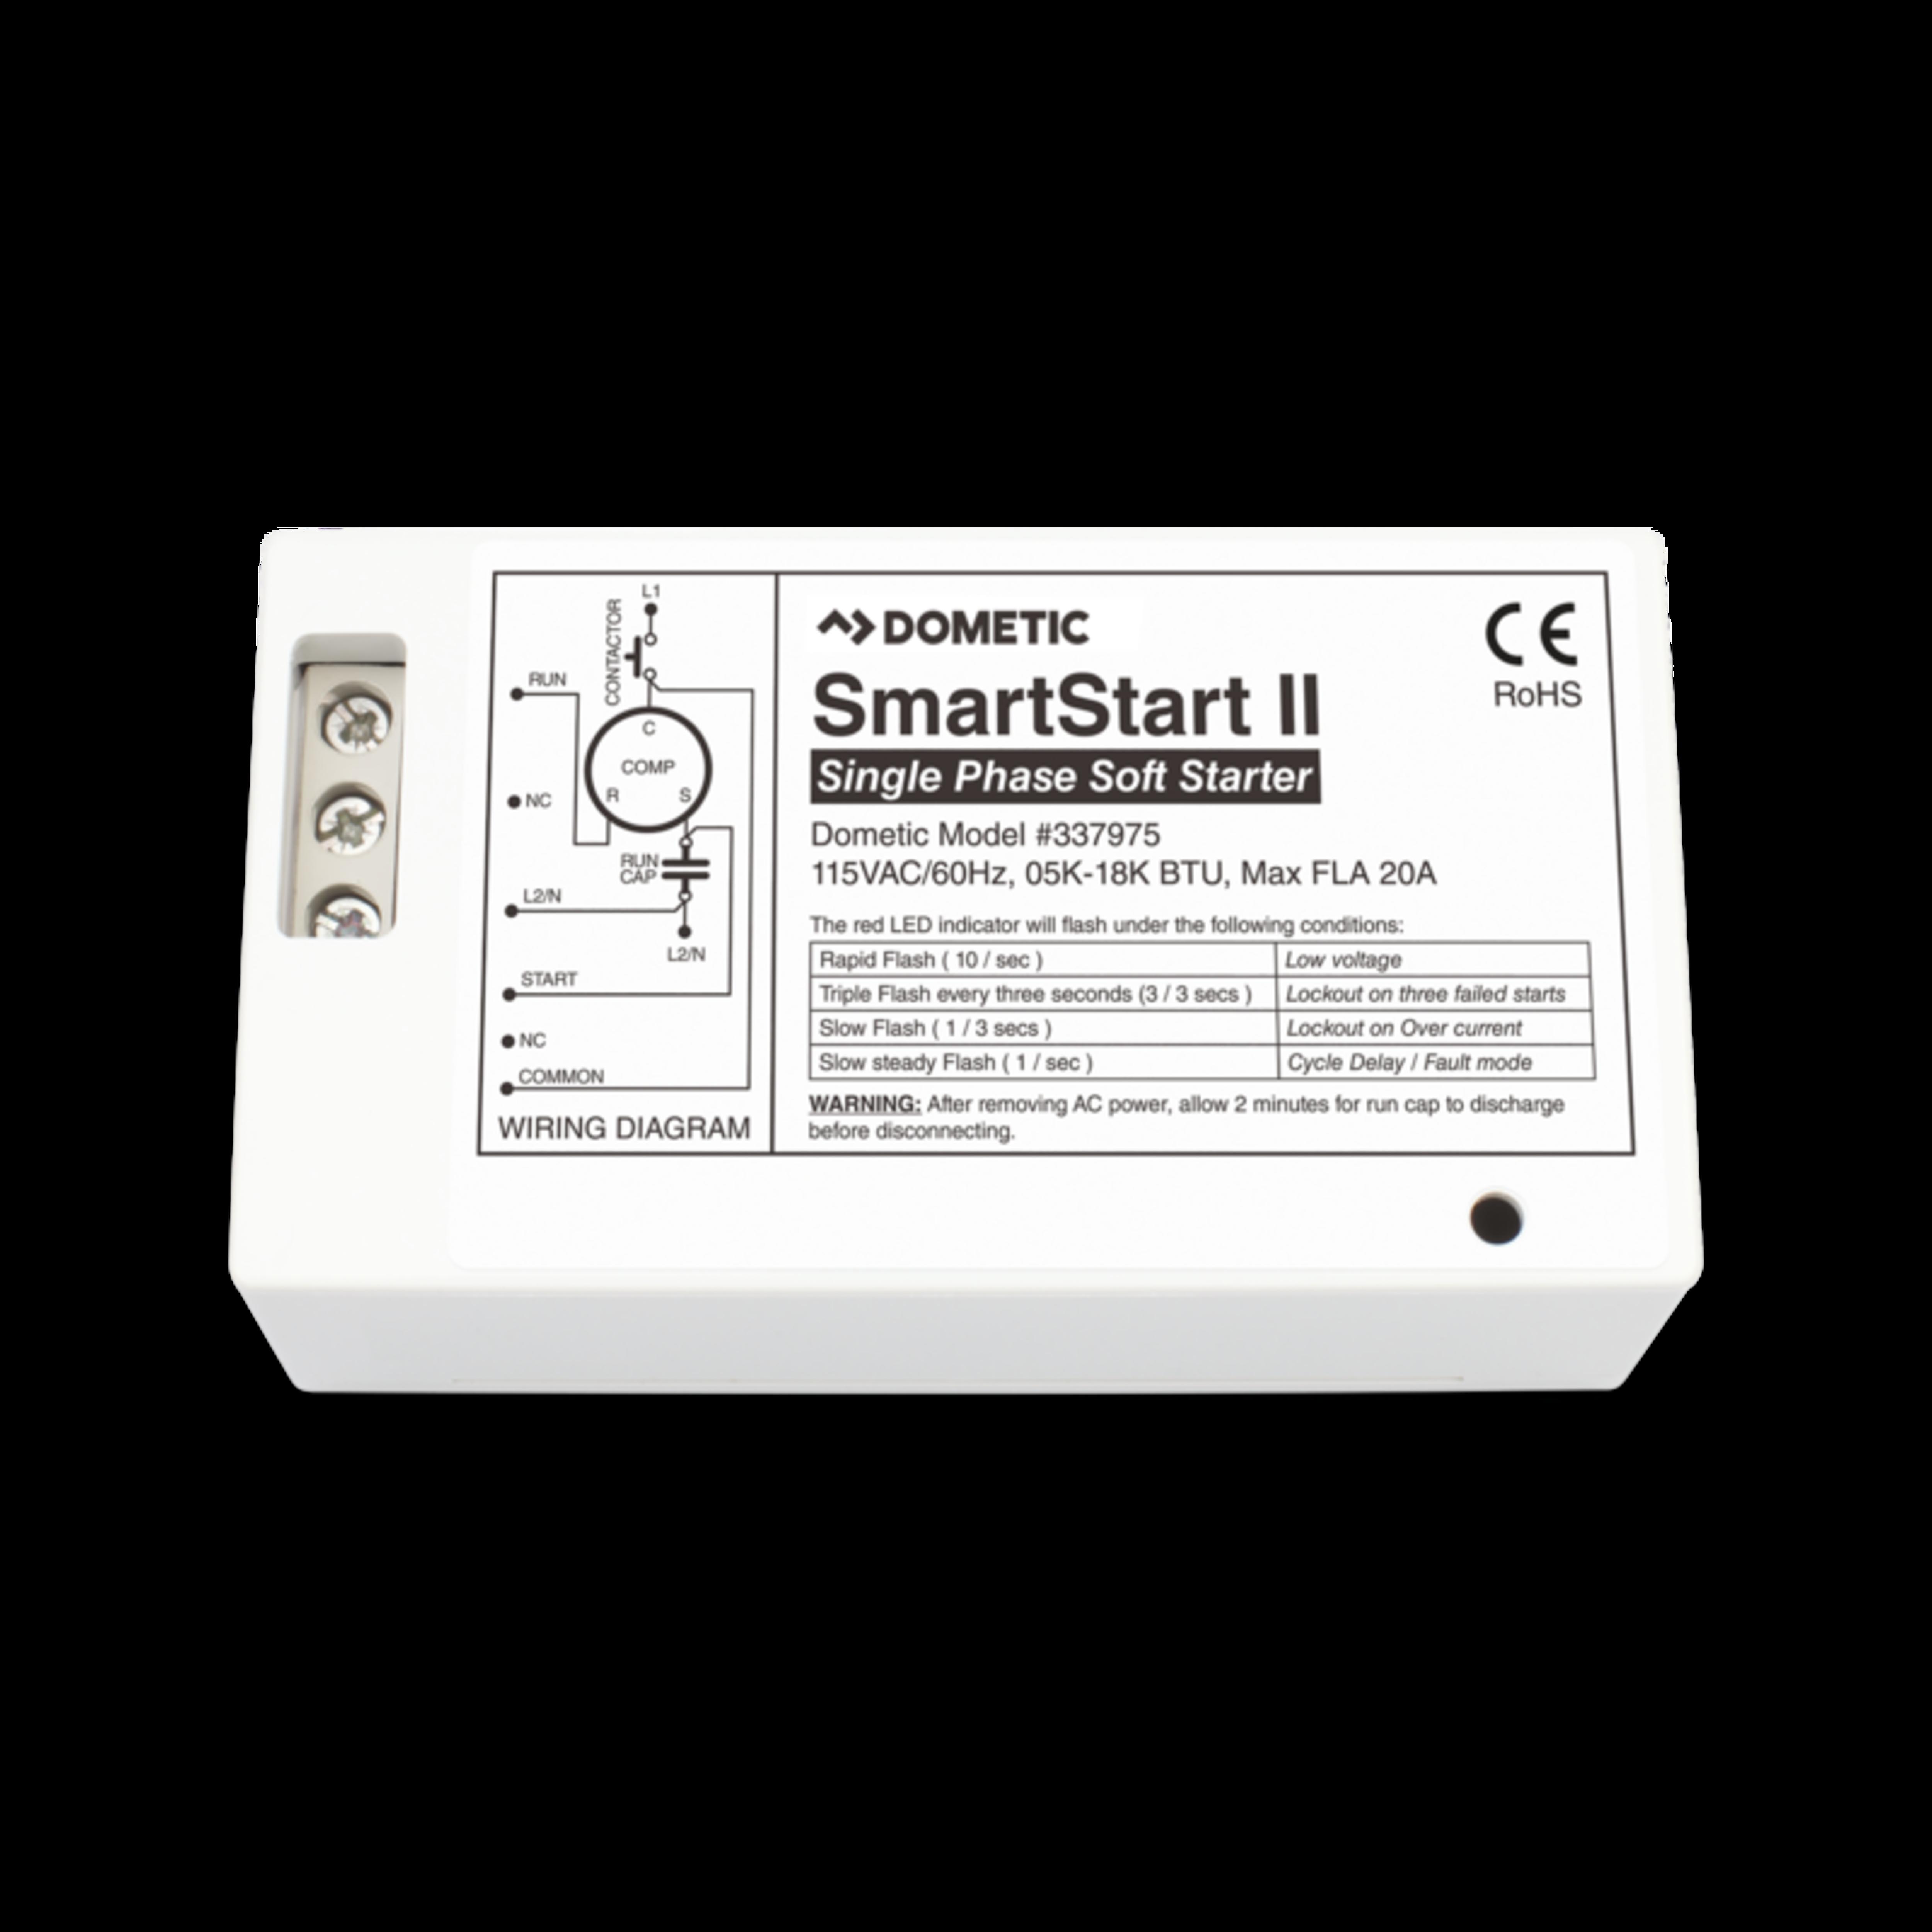 Dometic SmartStart II